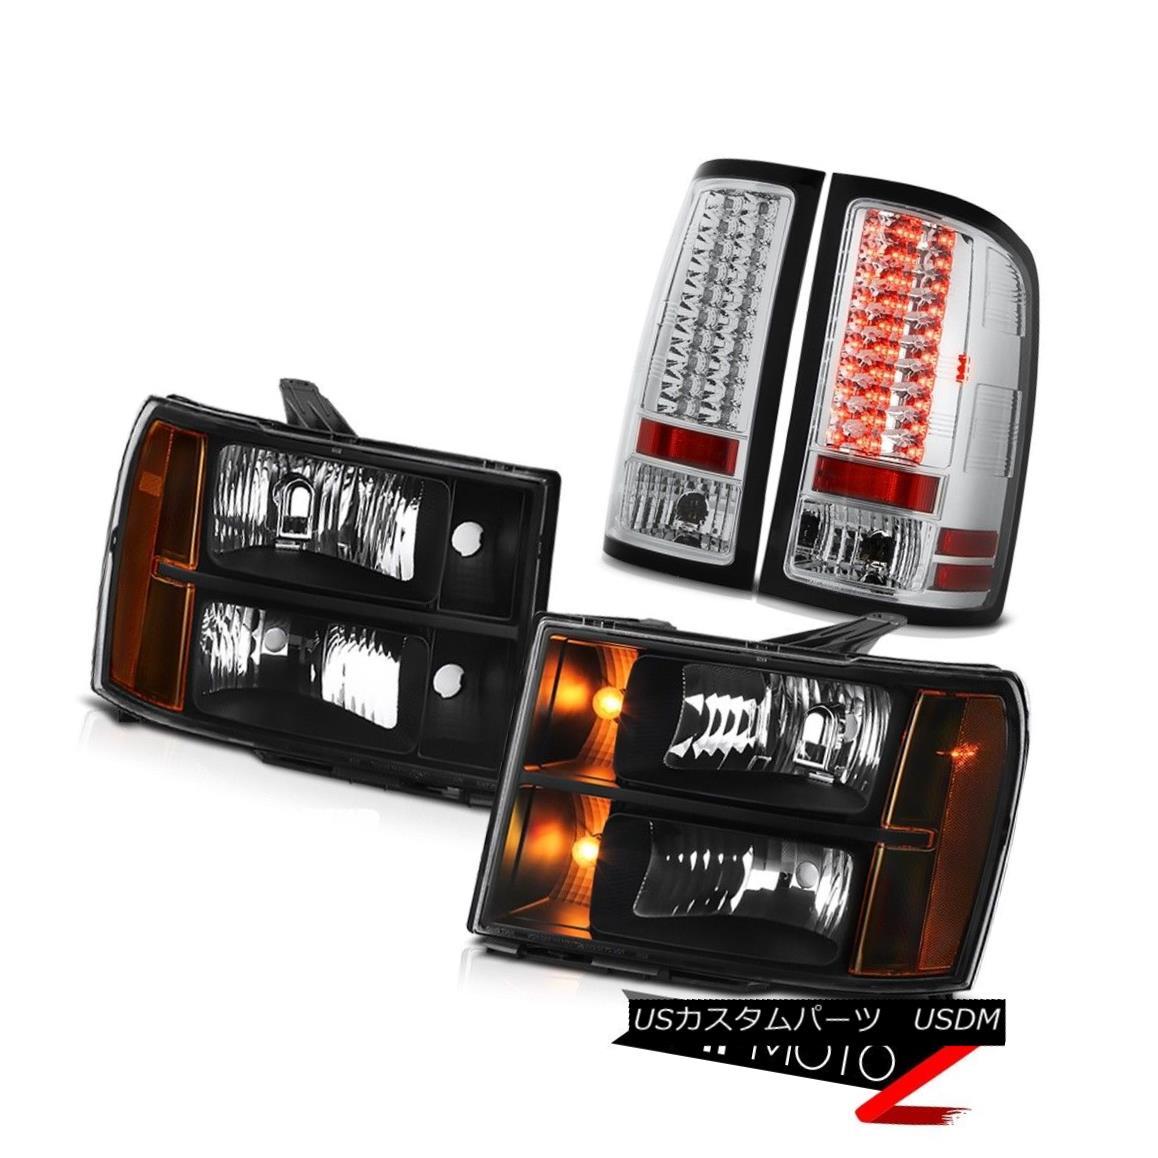 ヘッドライト 2008-2014 Sierra 2500 SL Tail Lights Nighthawk Black Headlamps LED SMD Assembly 2008-2014 Sierra 2500 SLテールライトナイトホークブラックヘッドランプLED SMDアセンブリ画像